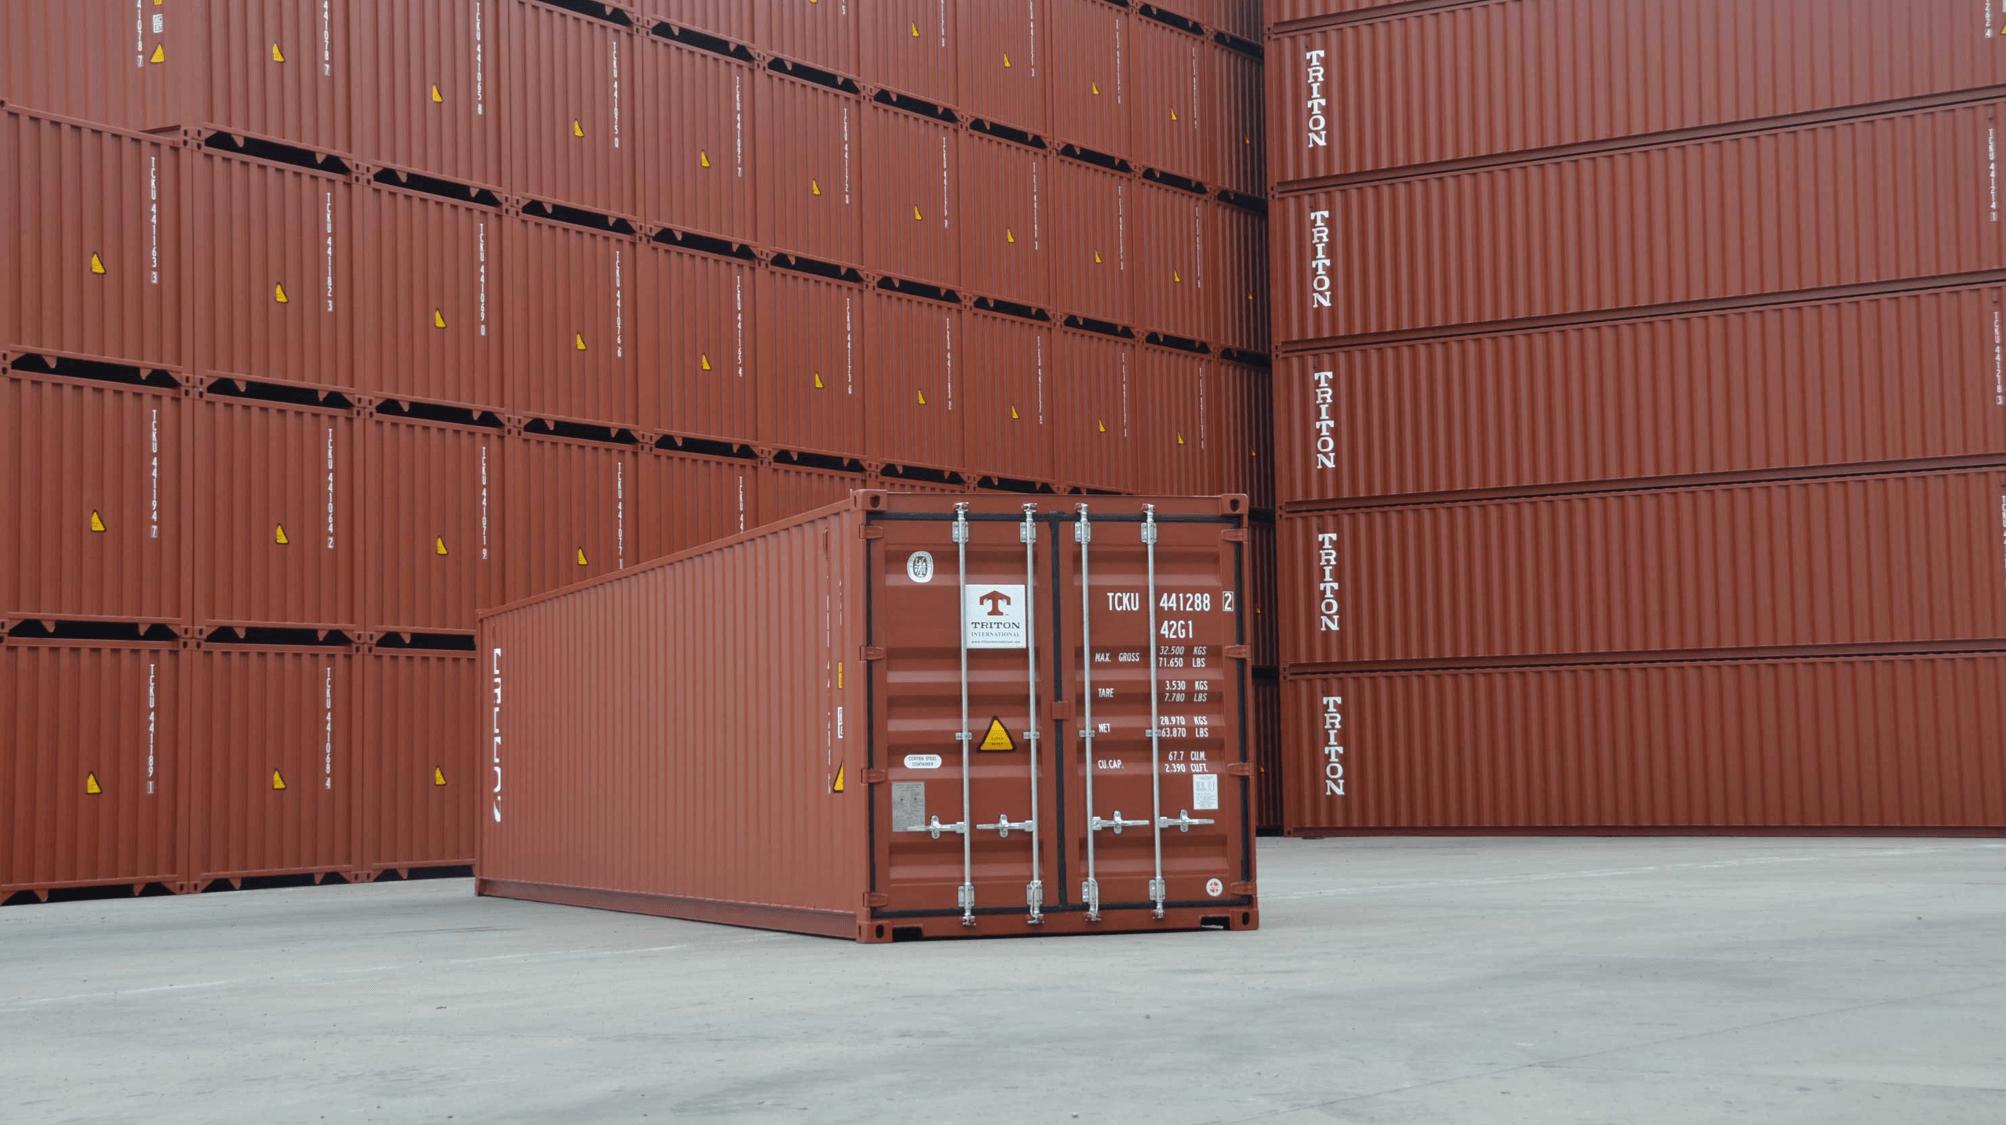 triton container